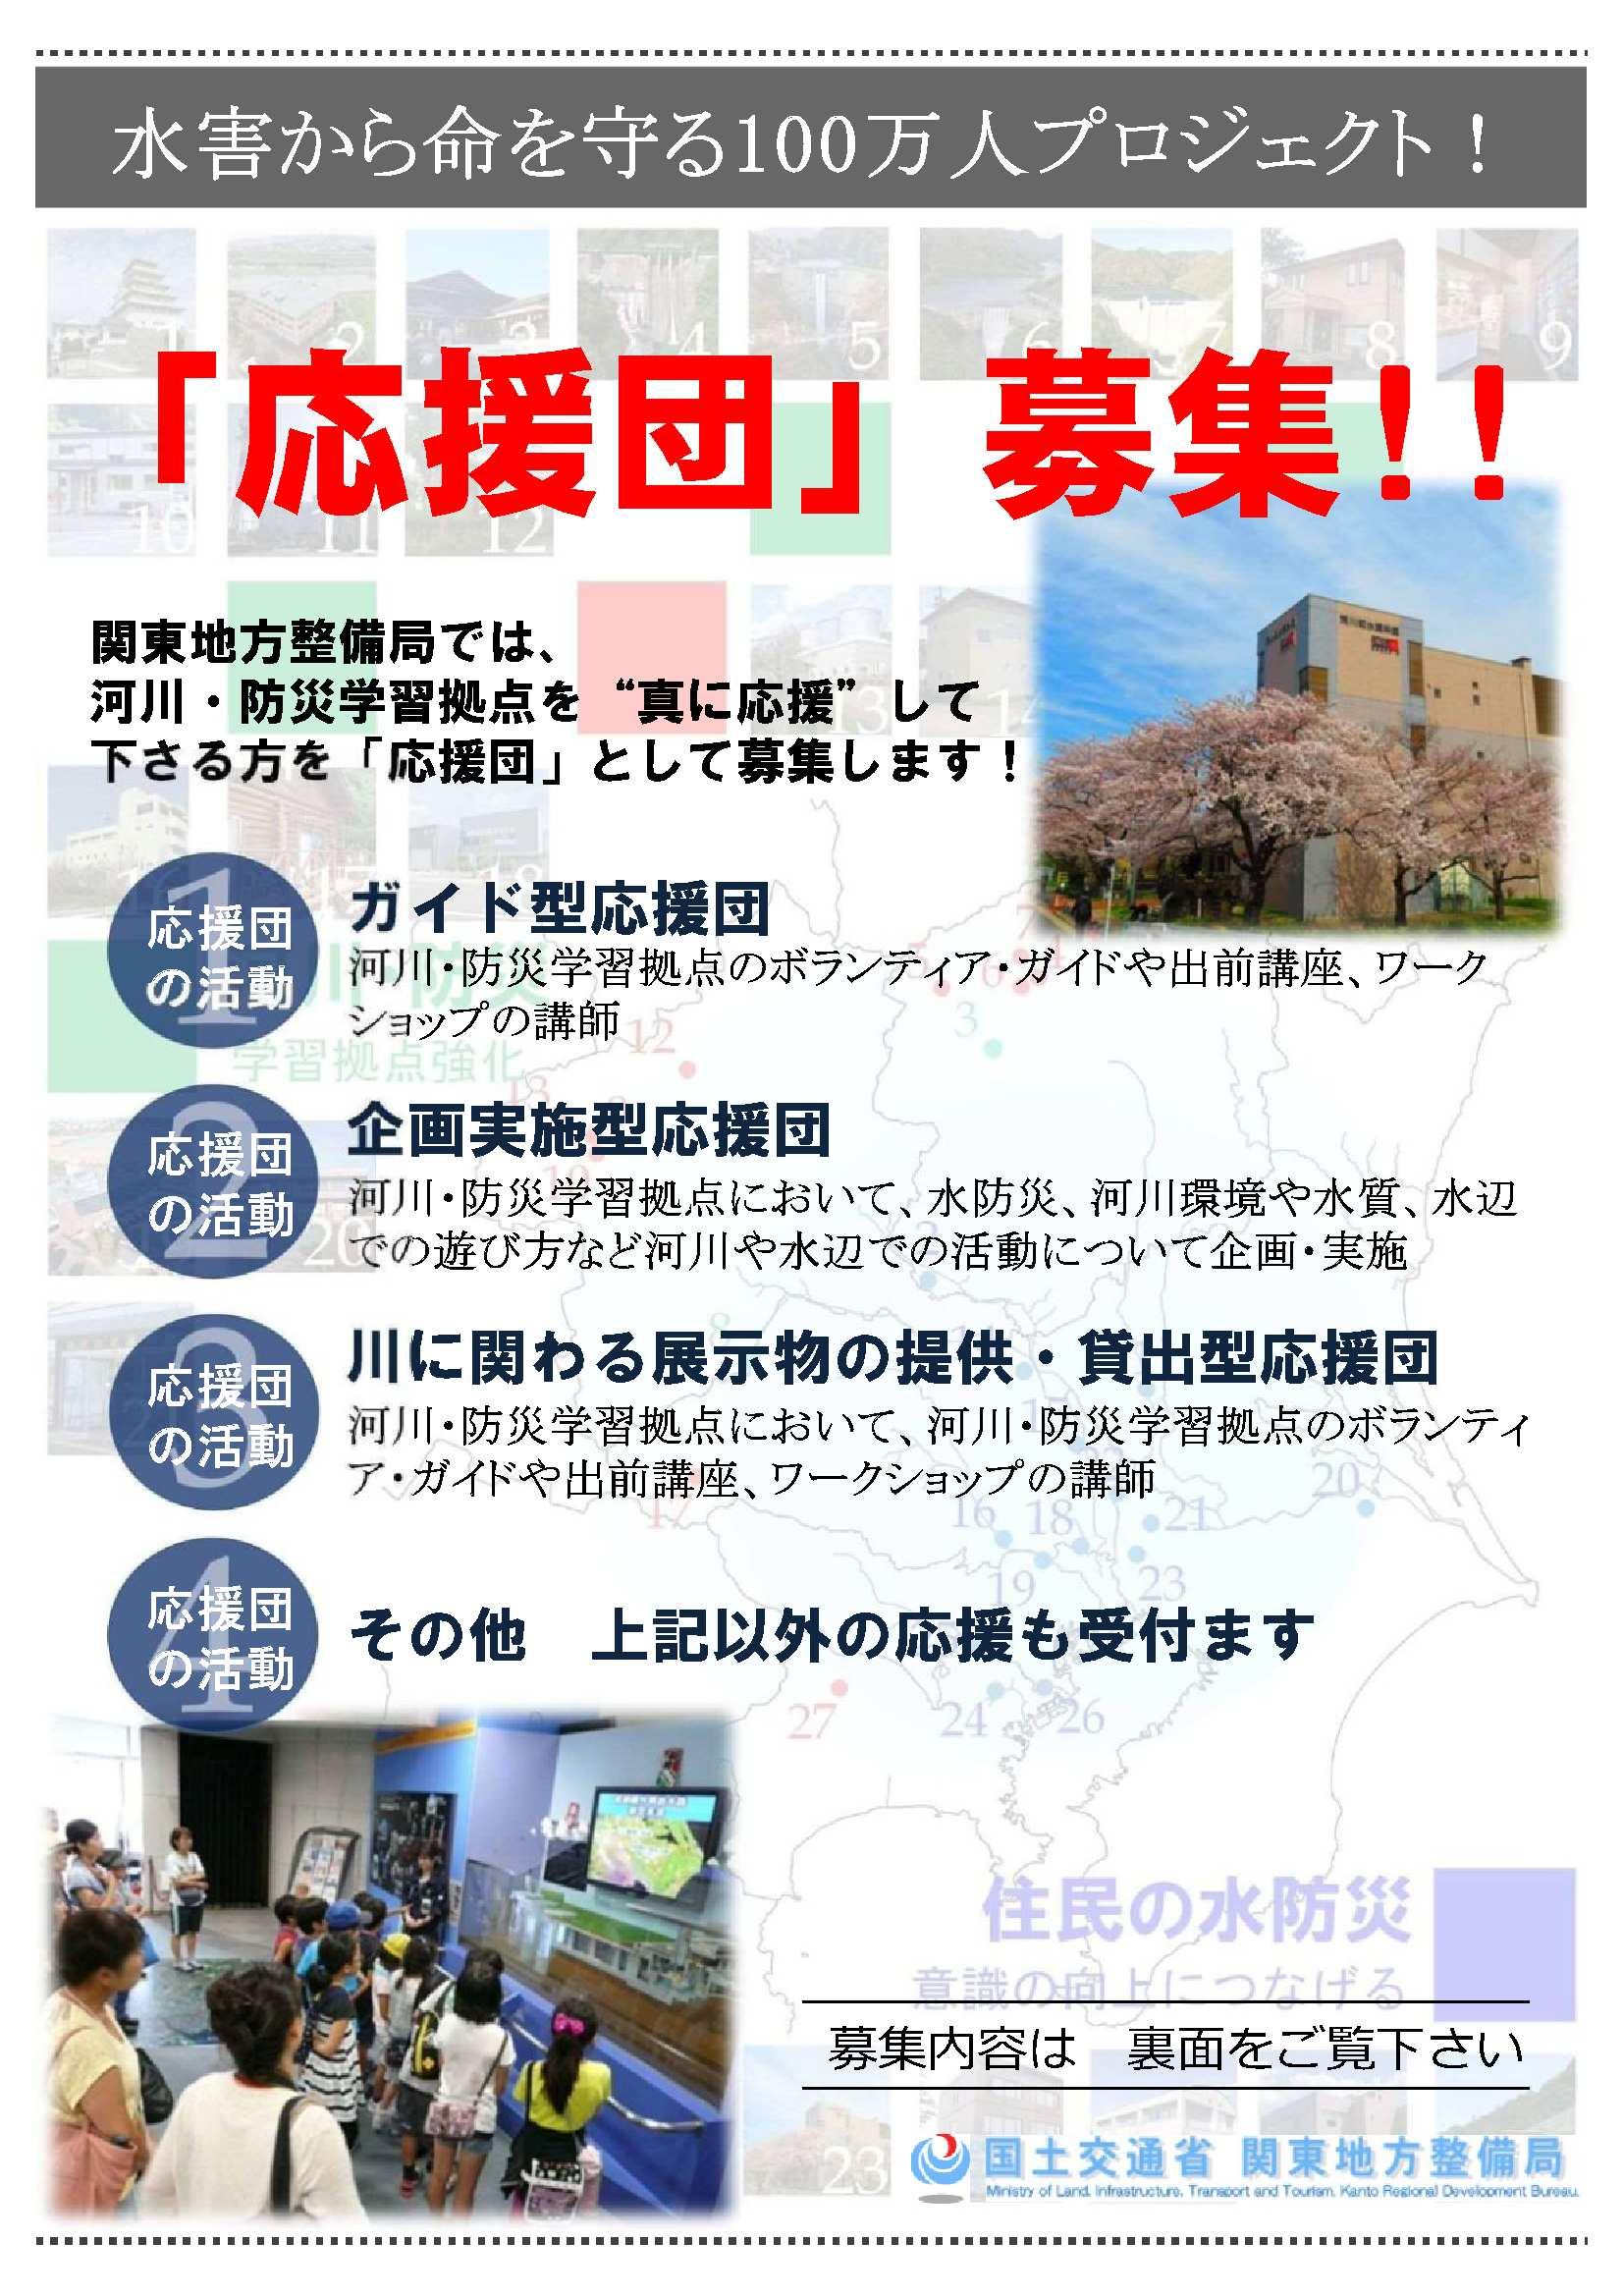 【関東地整河川計画課】応援団募集チラシ -1